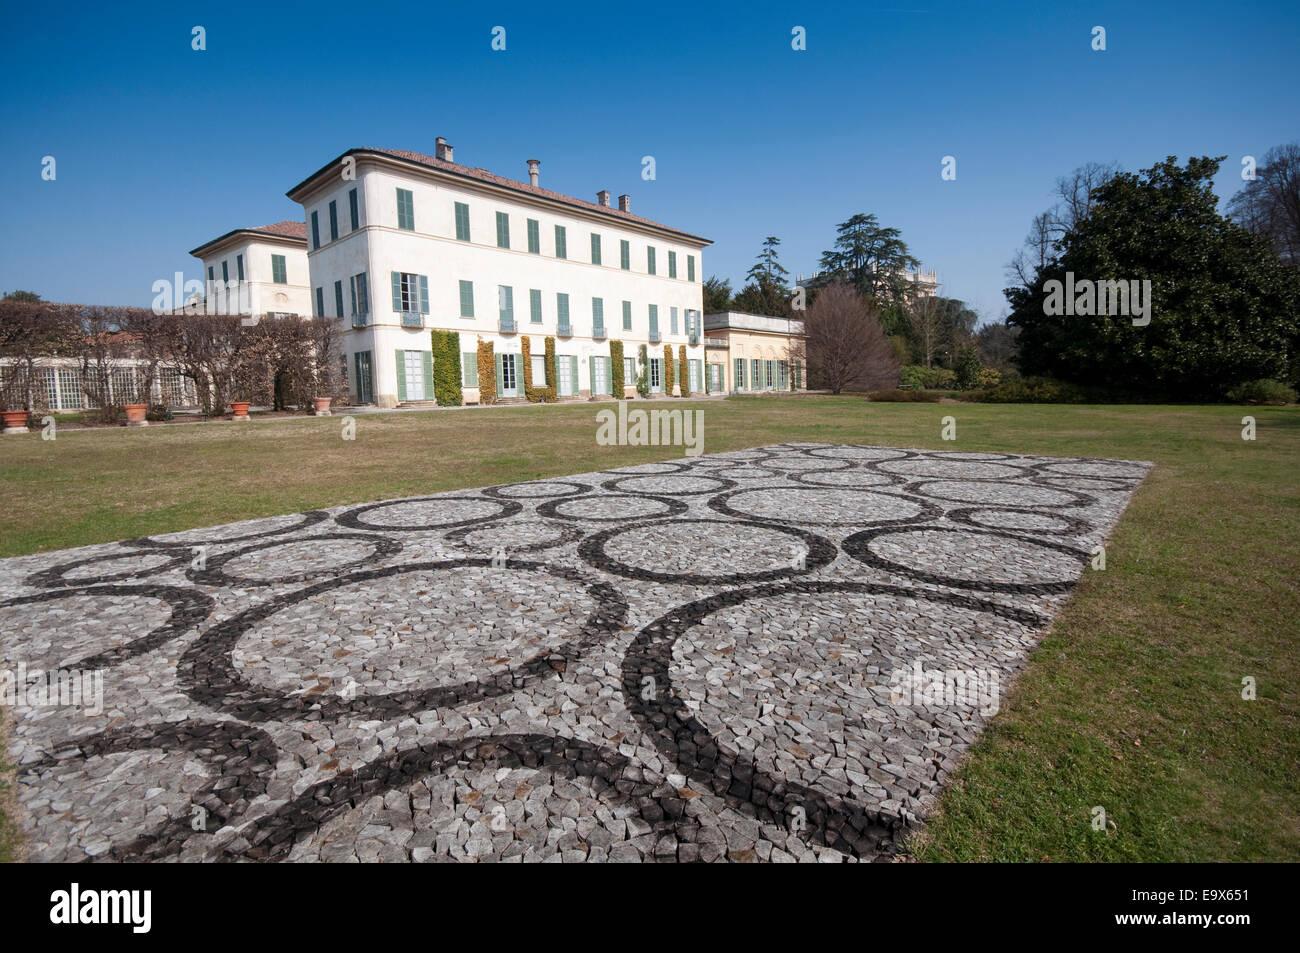 Italy, Lombardy, Varese, Biumo Superiore, Villa Menafoglio Litta Panza,  FAI, Fagus by Stuart Ian Frost Artist 2013 Stock Photo